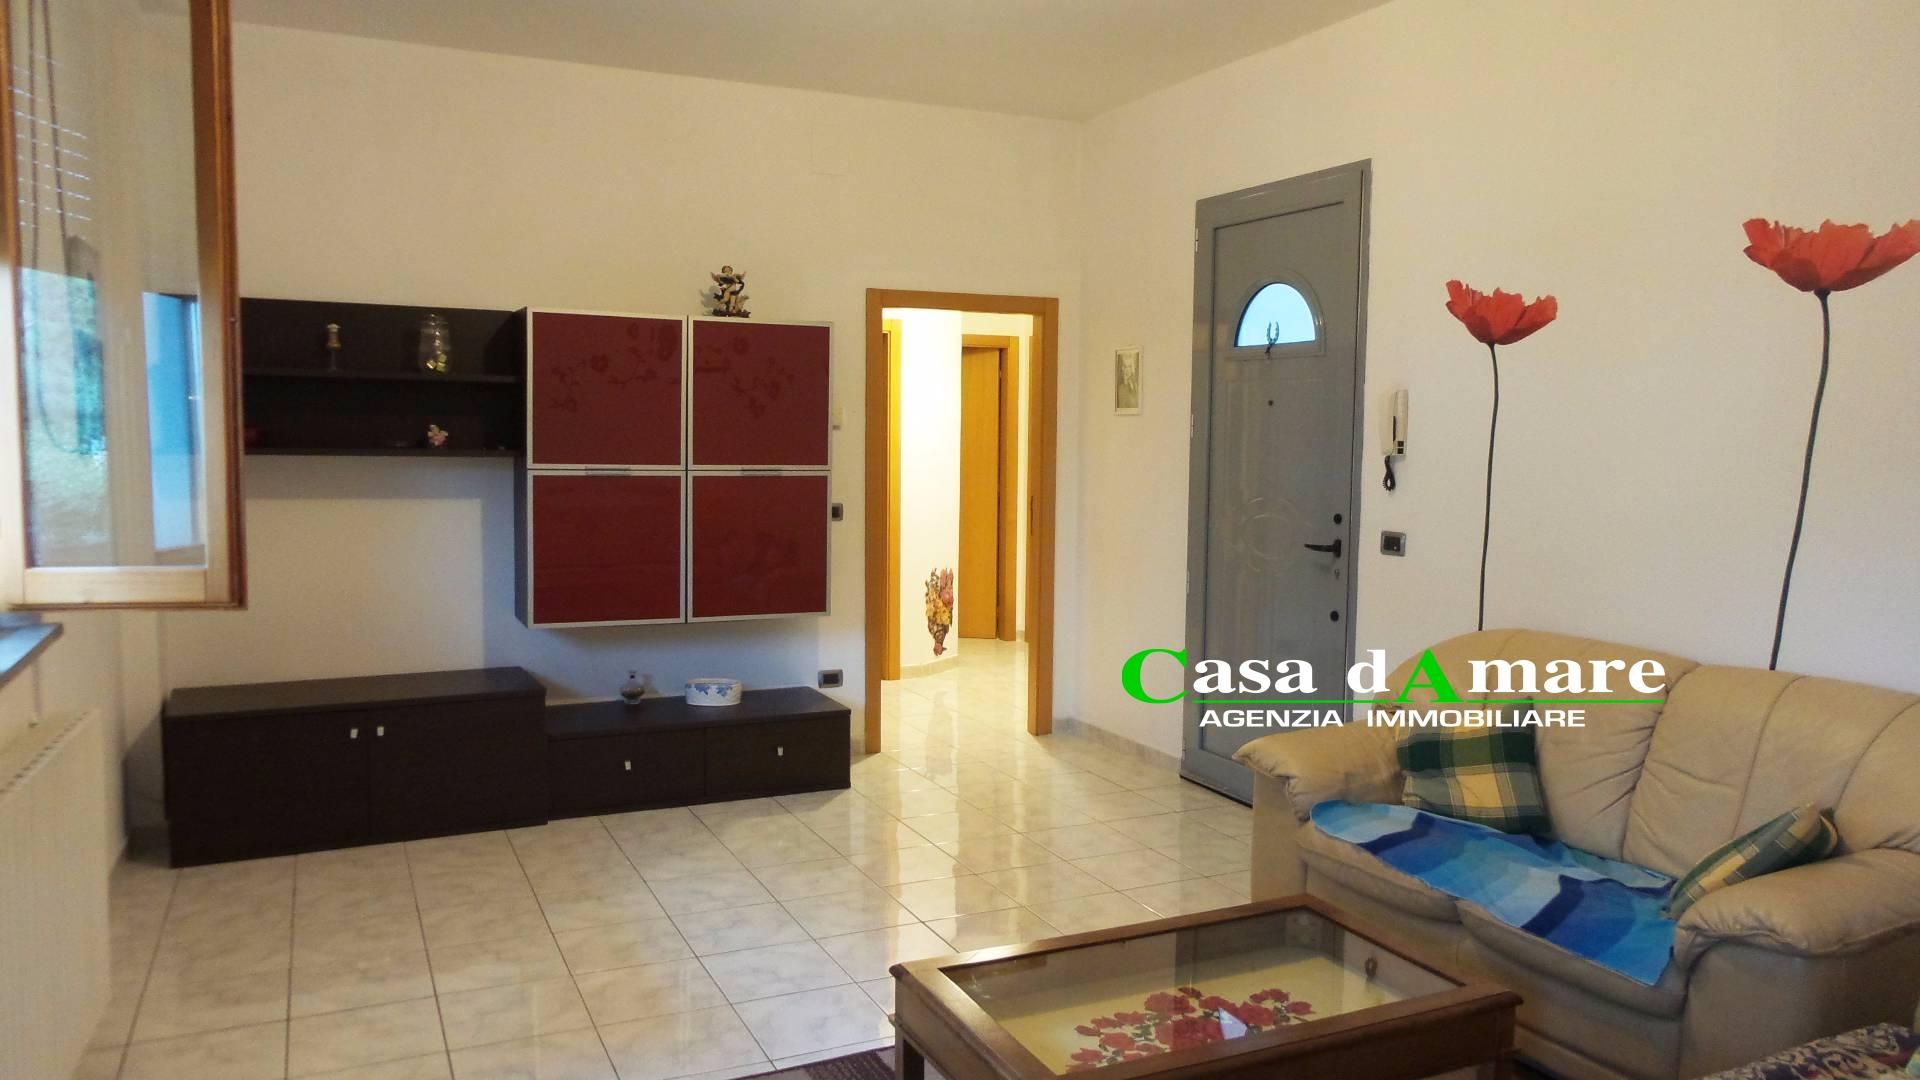 Appartamento in affitto a San Benedetto del Tronto, 4 locali, zona Località: SanBenedettodelTronto, prezzo € 650 | Cambio Casa.it